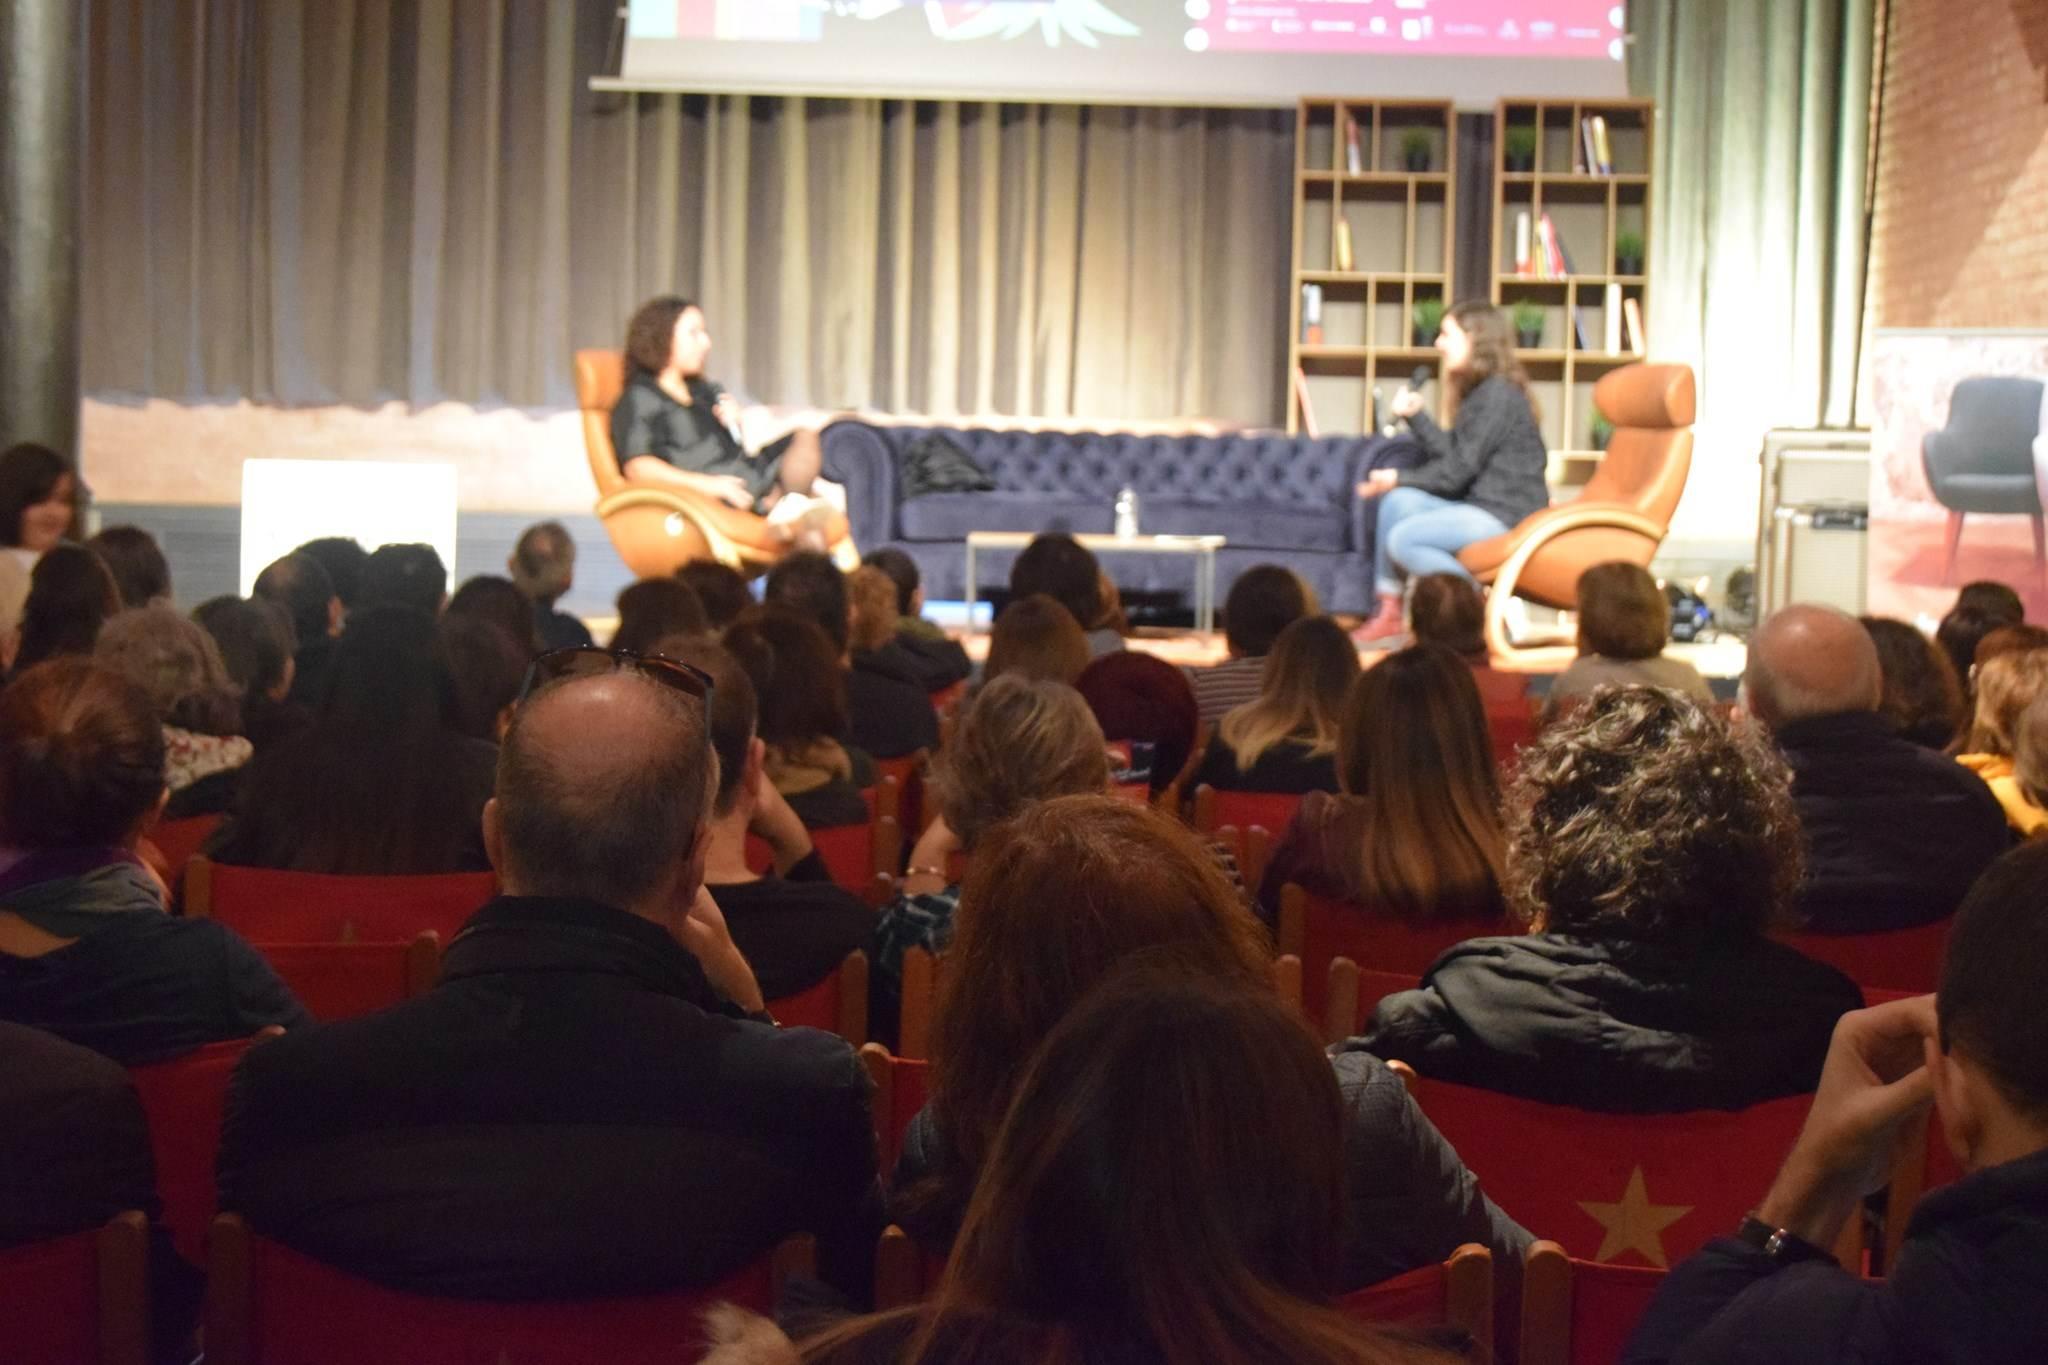 Exit d'aforament a la xerrada de feminisme i identitat amb Najat El Hachmi